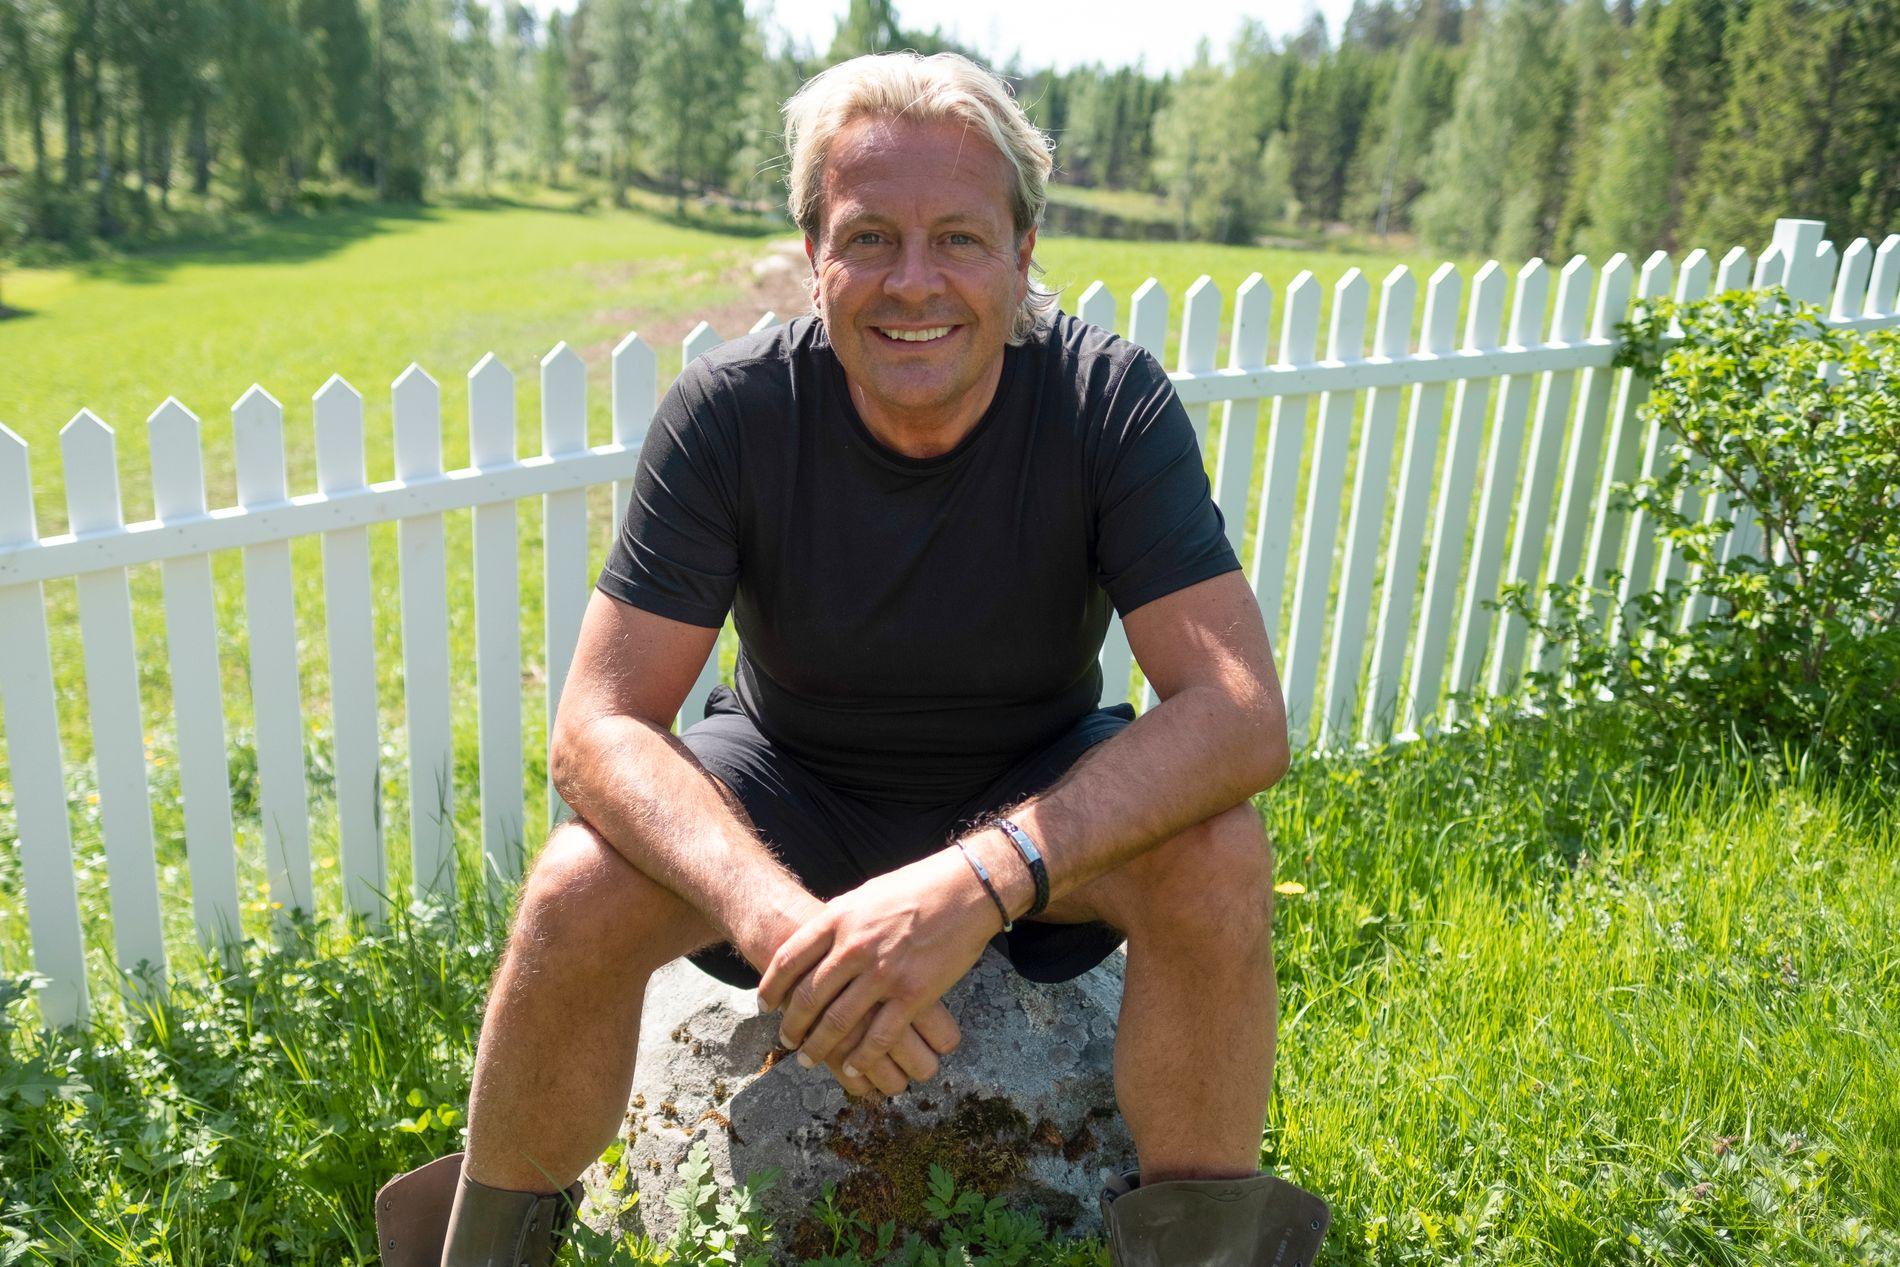 ANMELDT: Runar Søgaard, her på «Farmen kjendis»-innspilling.